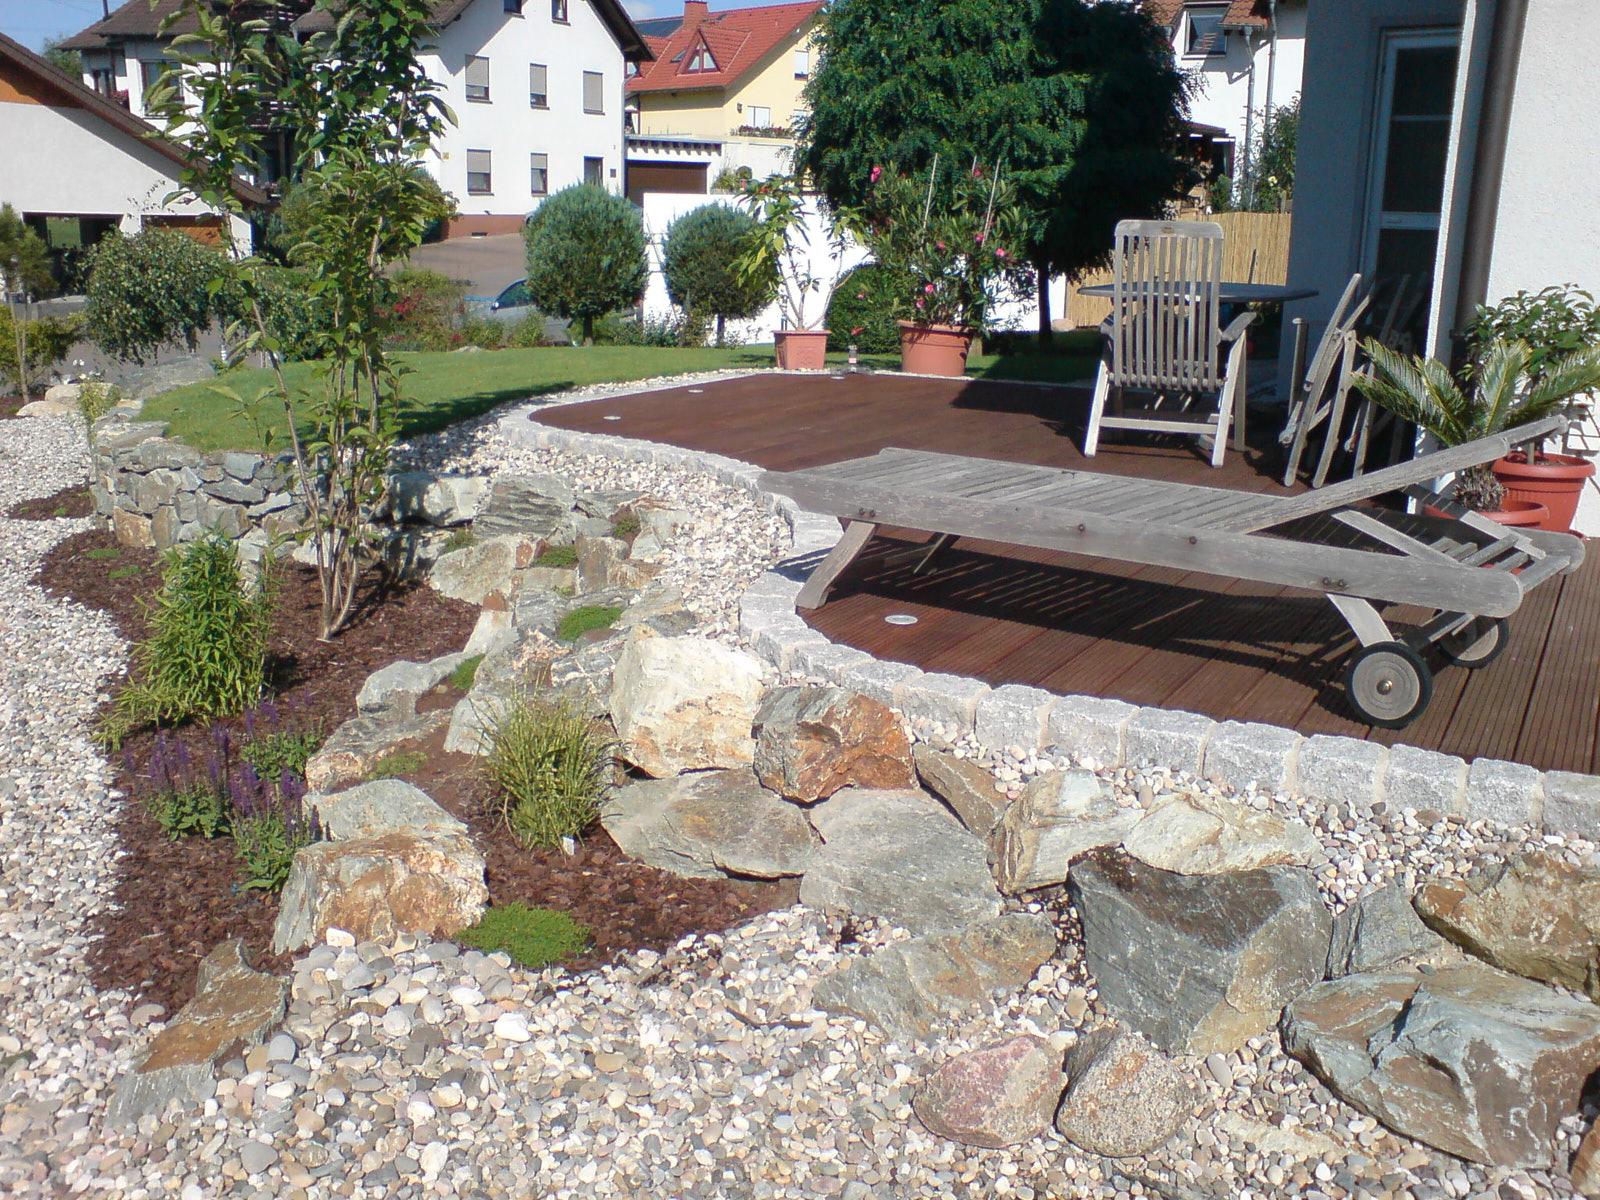 080814-terrasse-kies-felsen-pflanzen